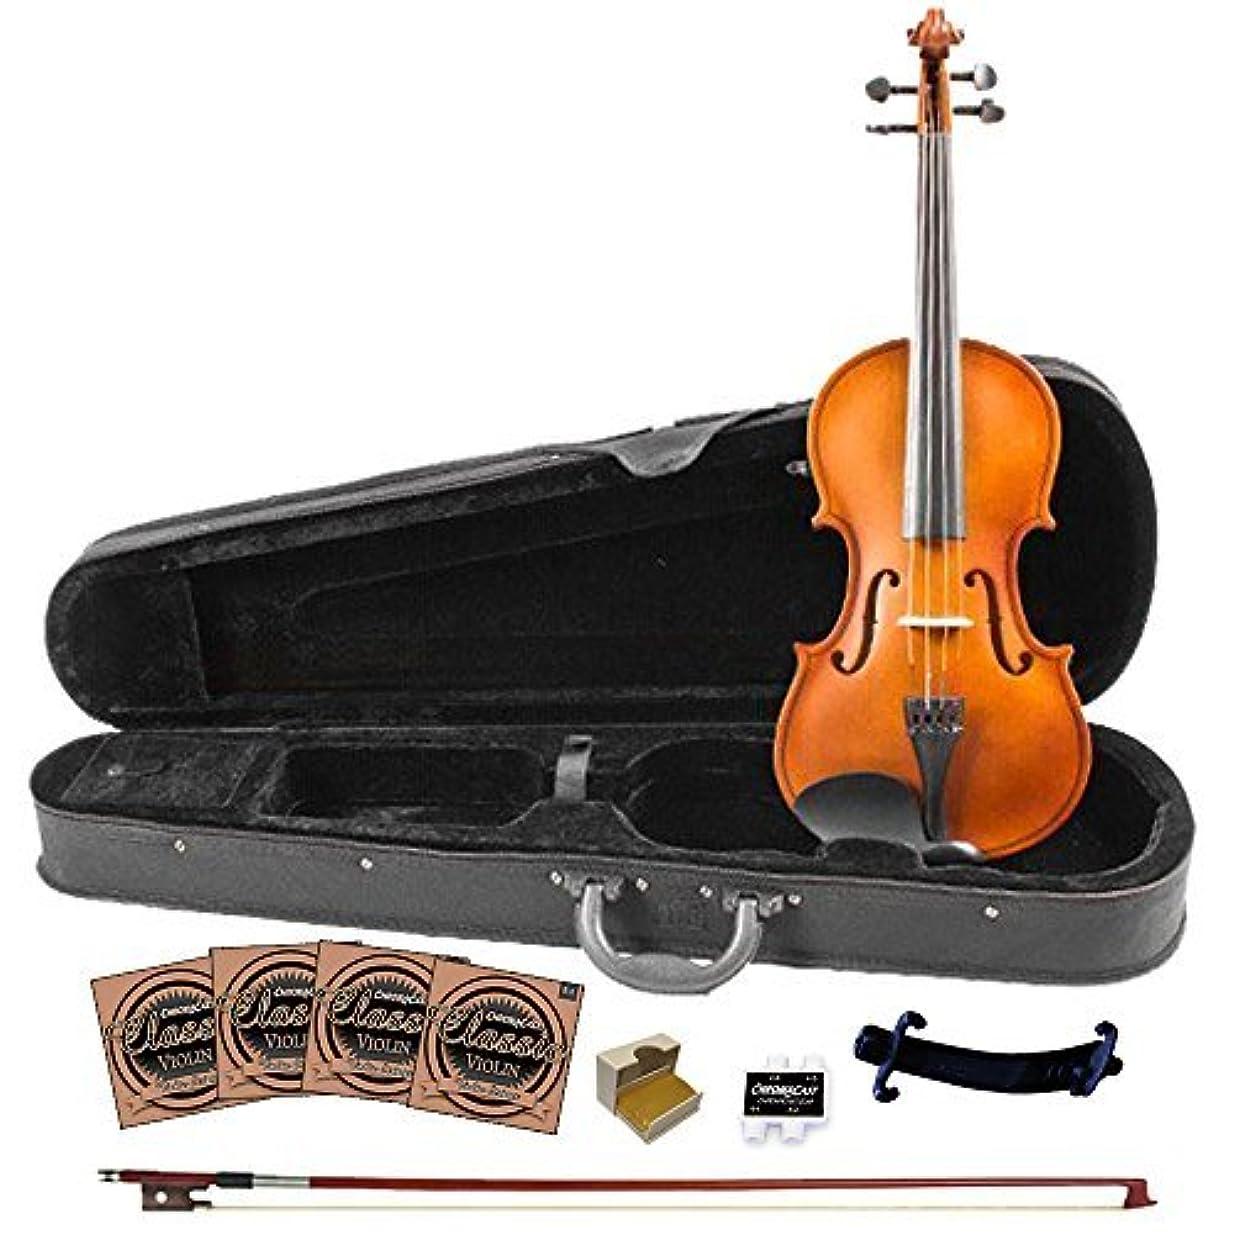 無関心はねかける寝具Rise by Sawtooth ST-RISE-VFLAME Beginner'S Violin Full Size [並行輸入品]